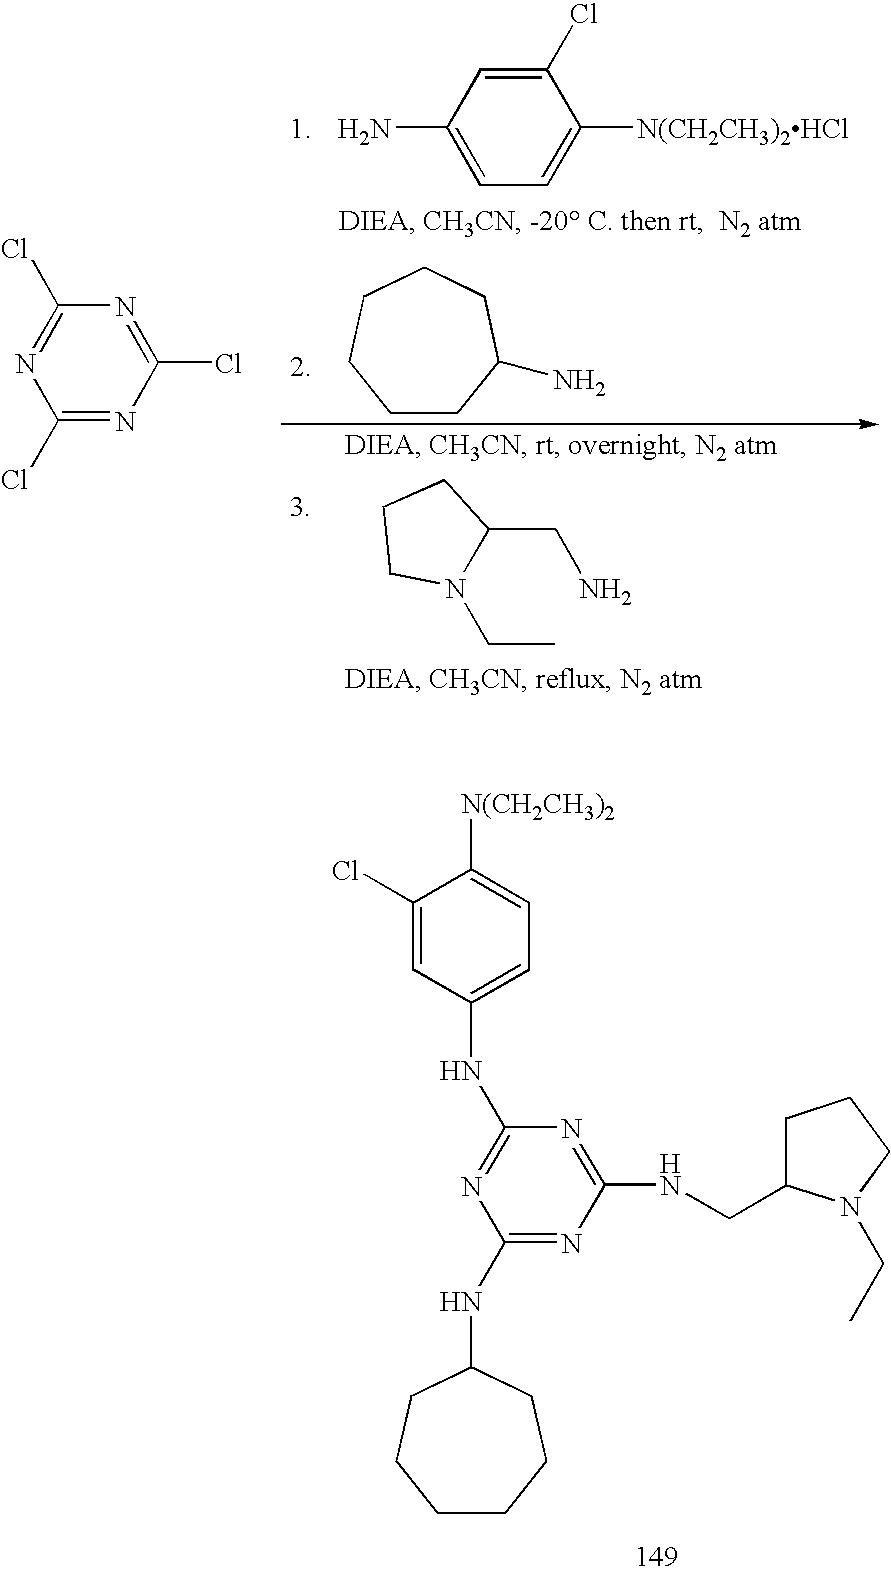 Figure US20050113341A1-20050526-C00174